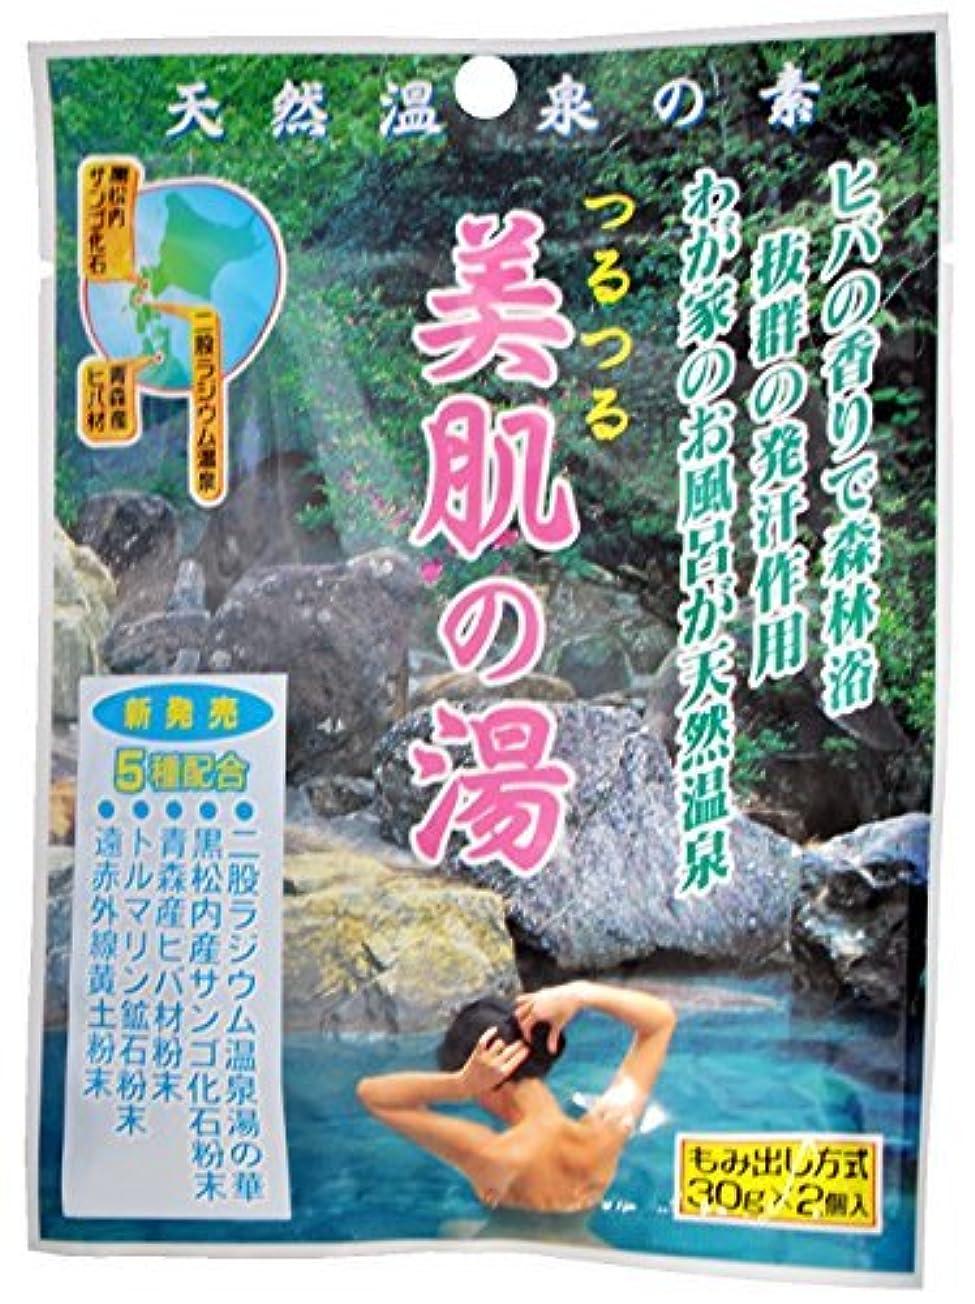 夢マイルド復活する【まとめ買い】天然成分入浴剤 つるつる 美肌の湯 2袋入 二股ラジウム温泉の湯の華 ×50個